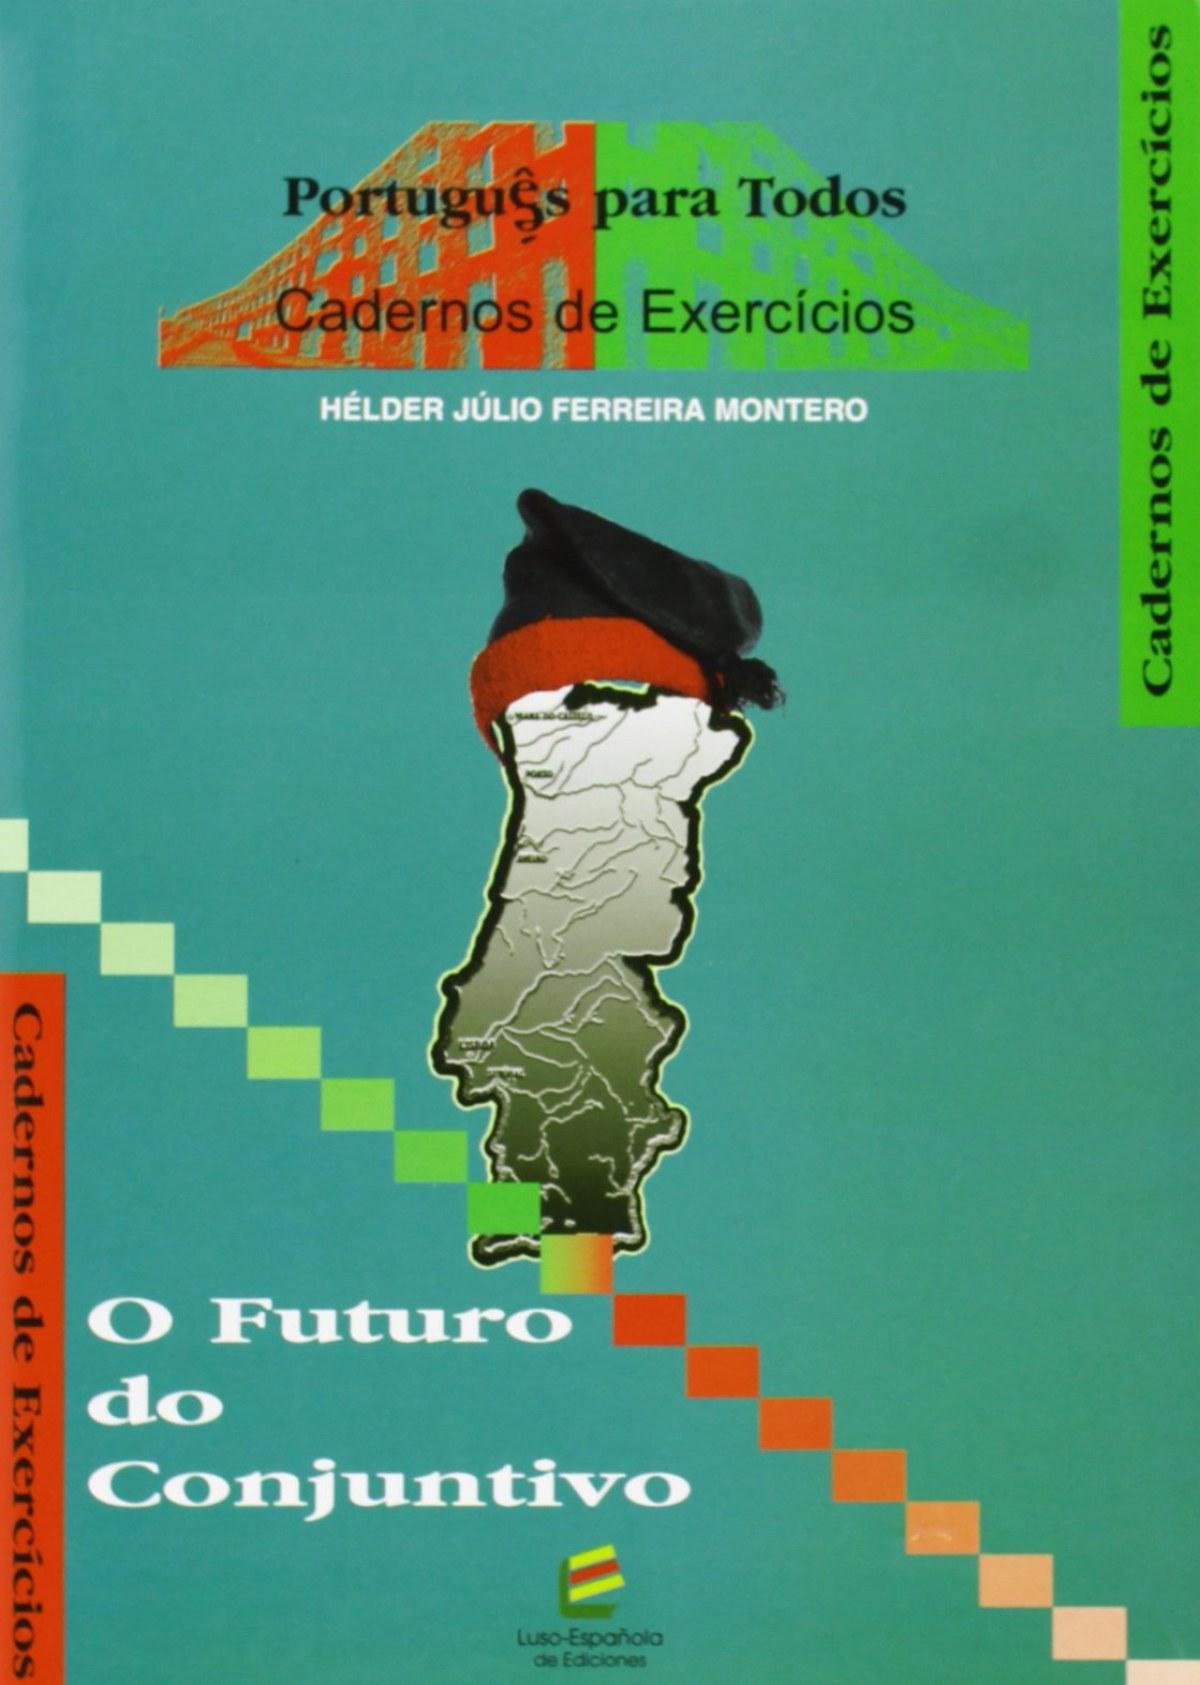 O FUTURO DO CONJUNTIVO 9788493239473